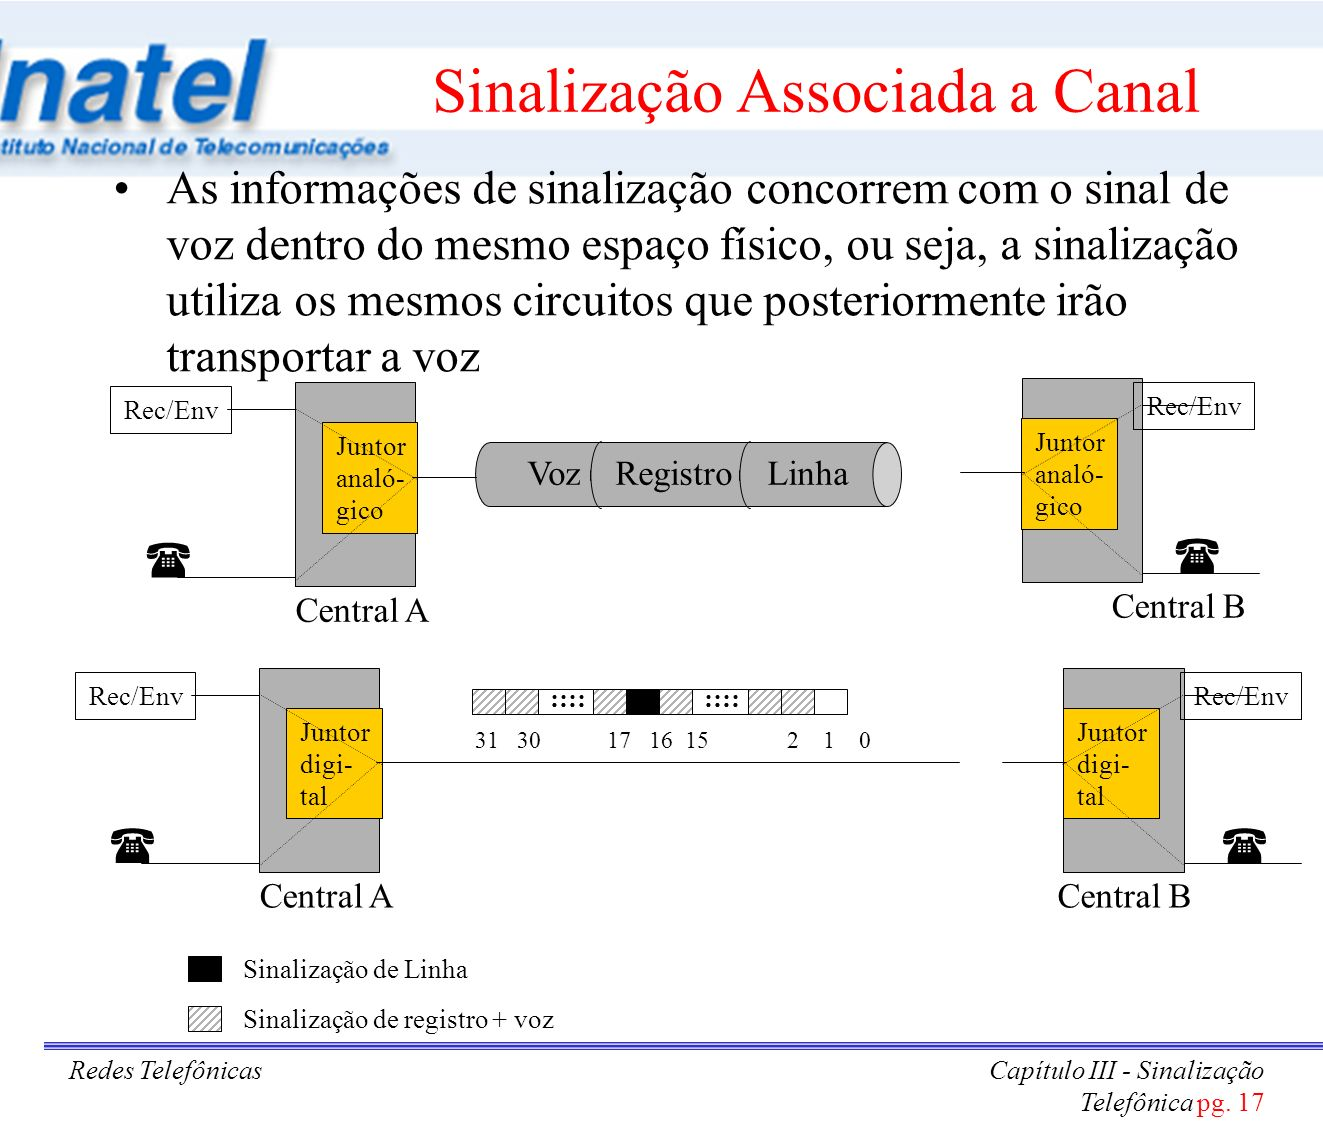 Sinalização Associada a Canal